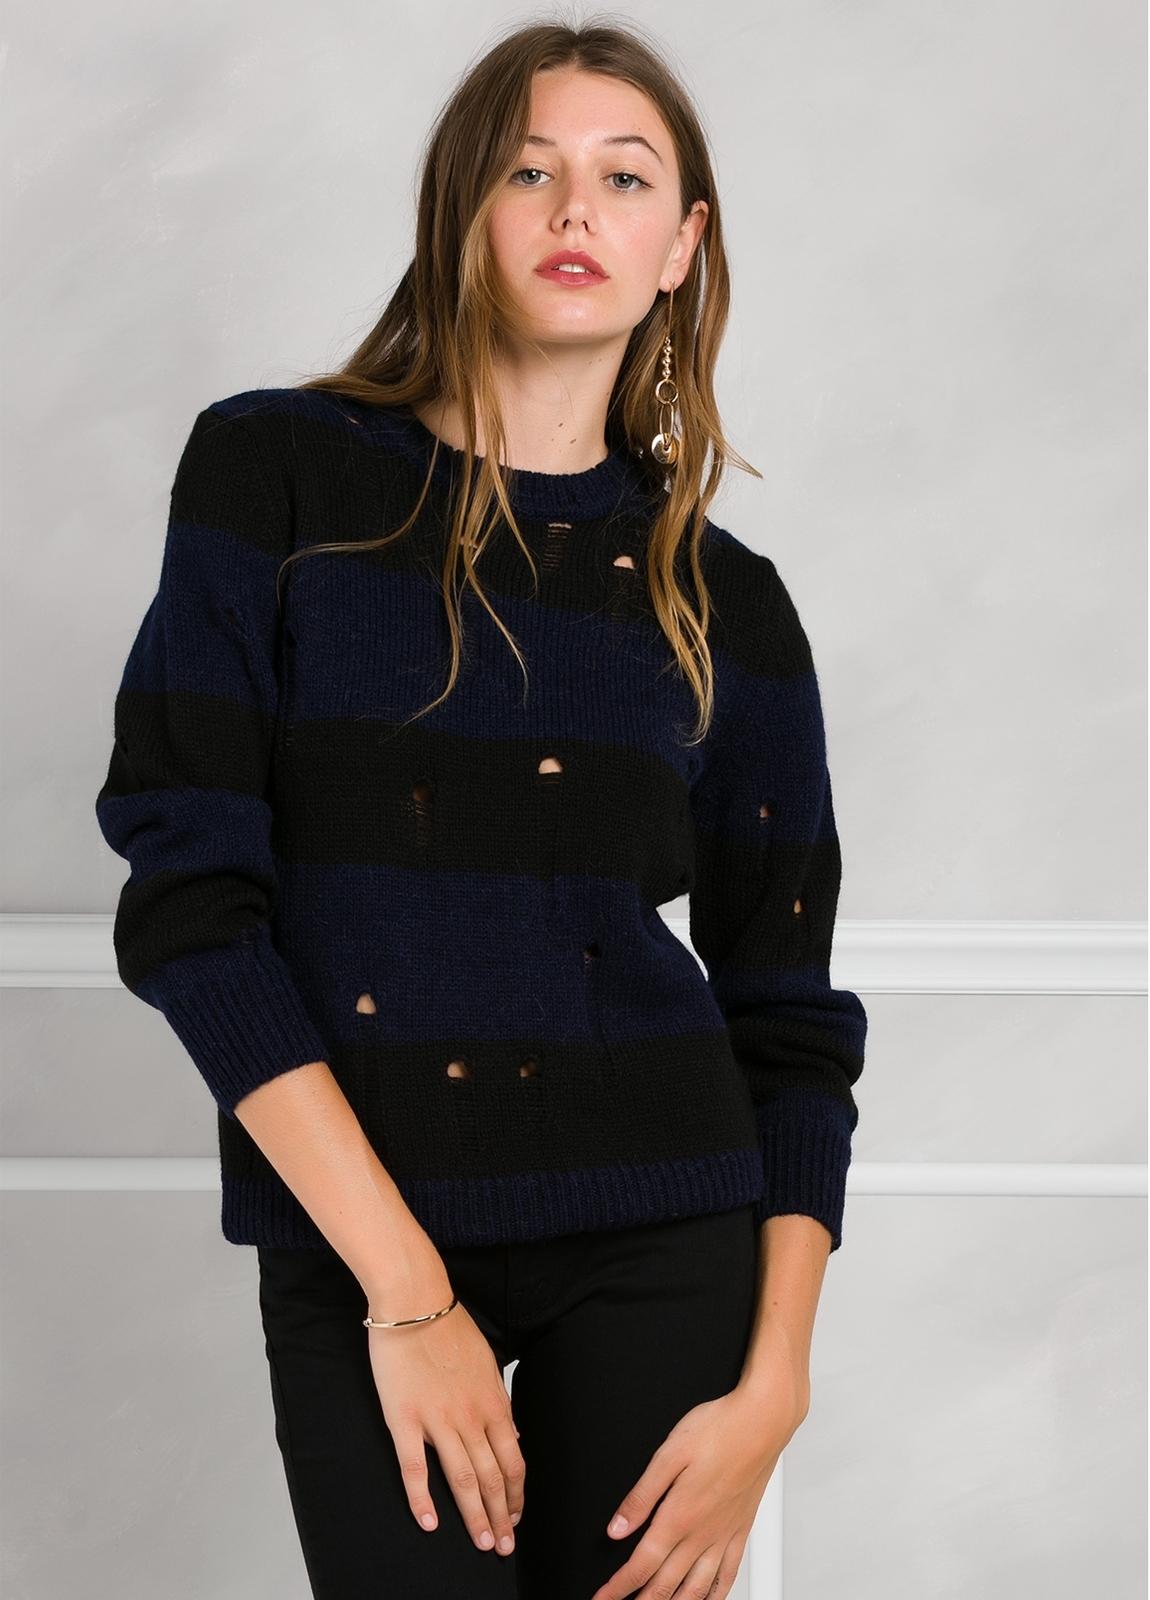 Jersey de punto con diseño de rayas y detalles calados, color azul y negro.